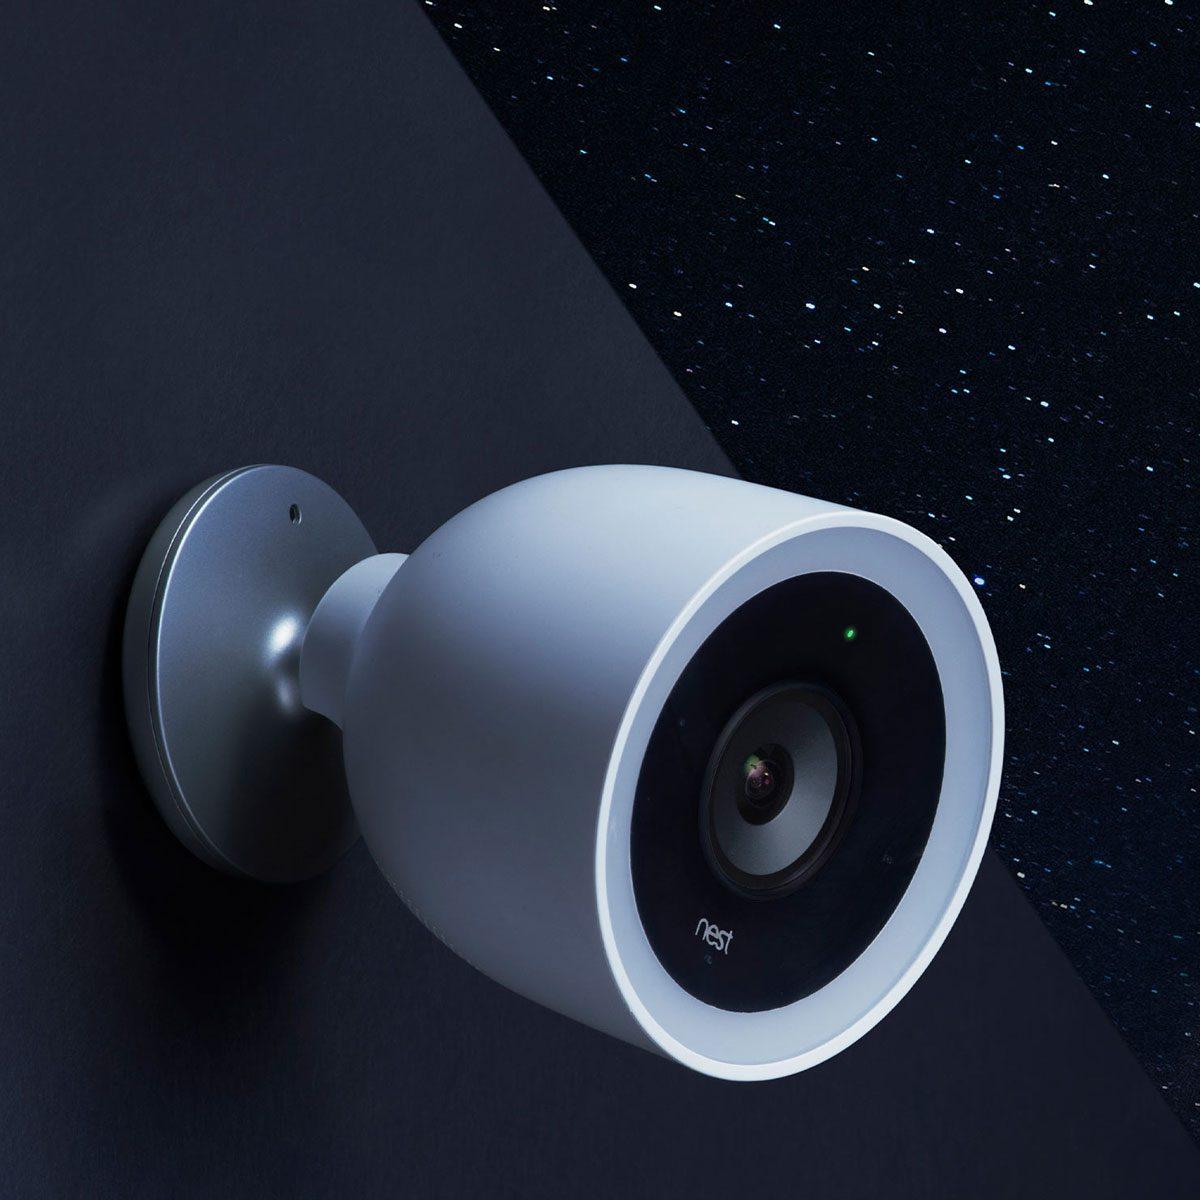 Nest security camera